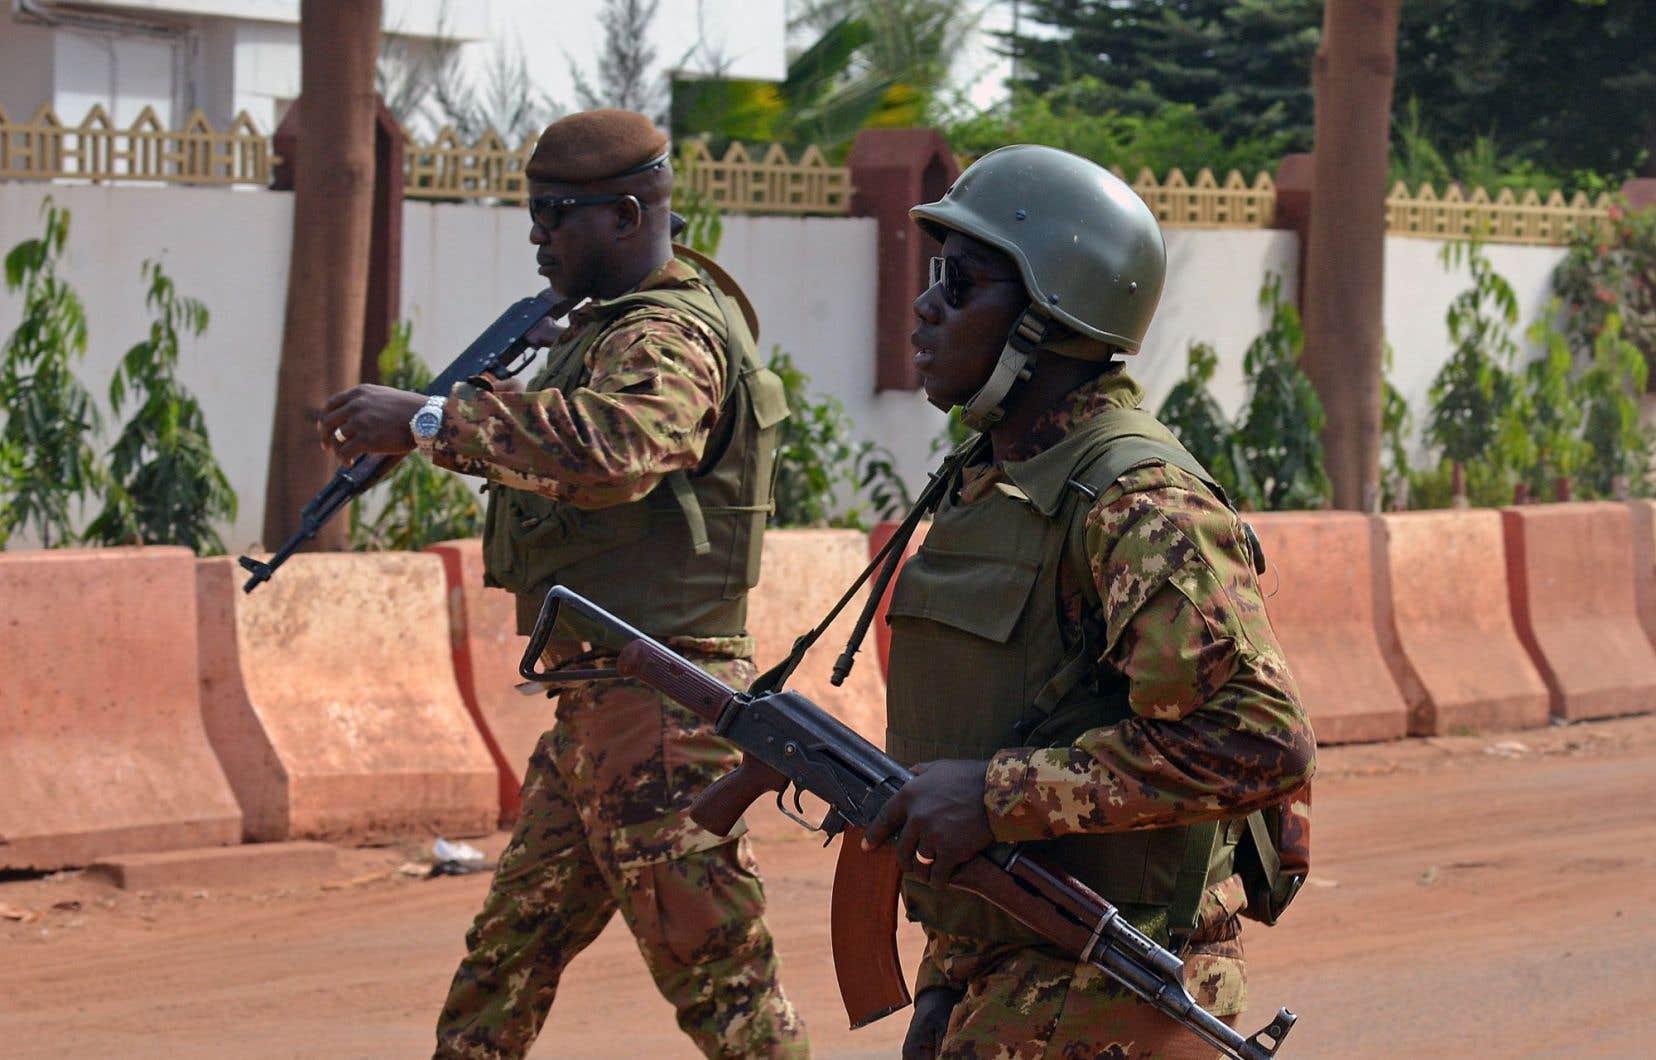 Des soldats patrouillaient à l'extérieur de l'hôtel Radisson dimanche.